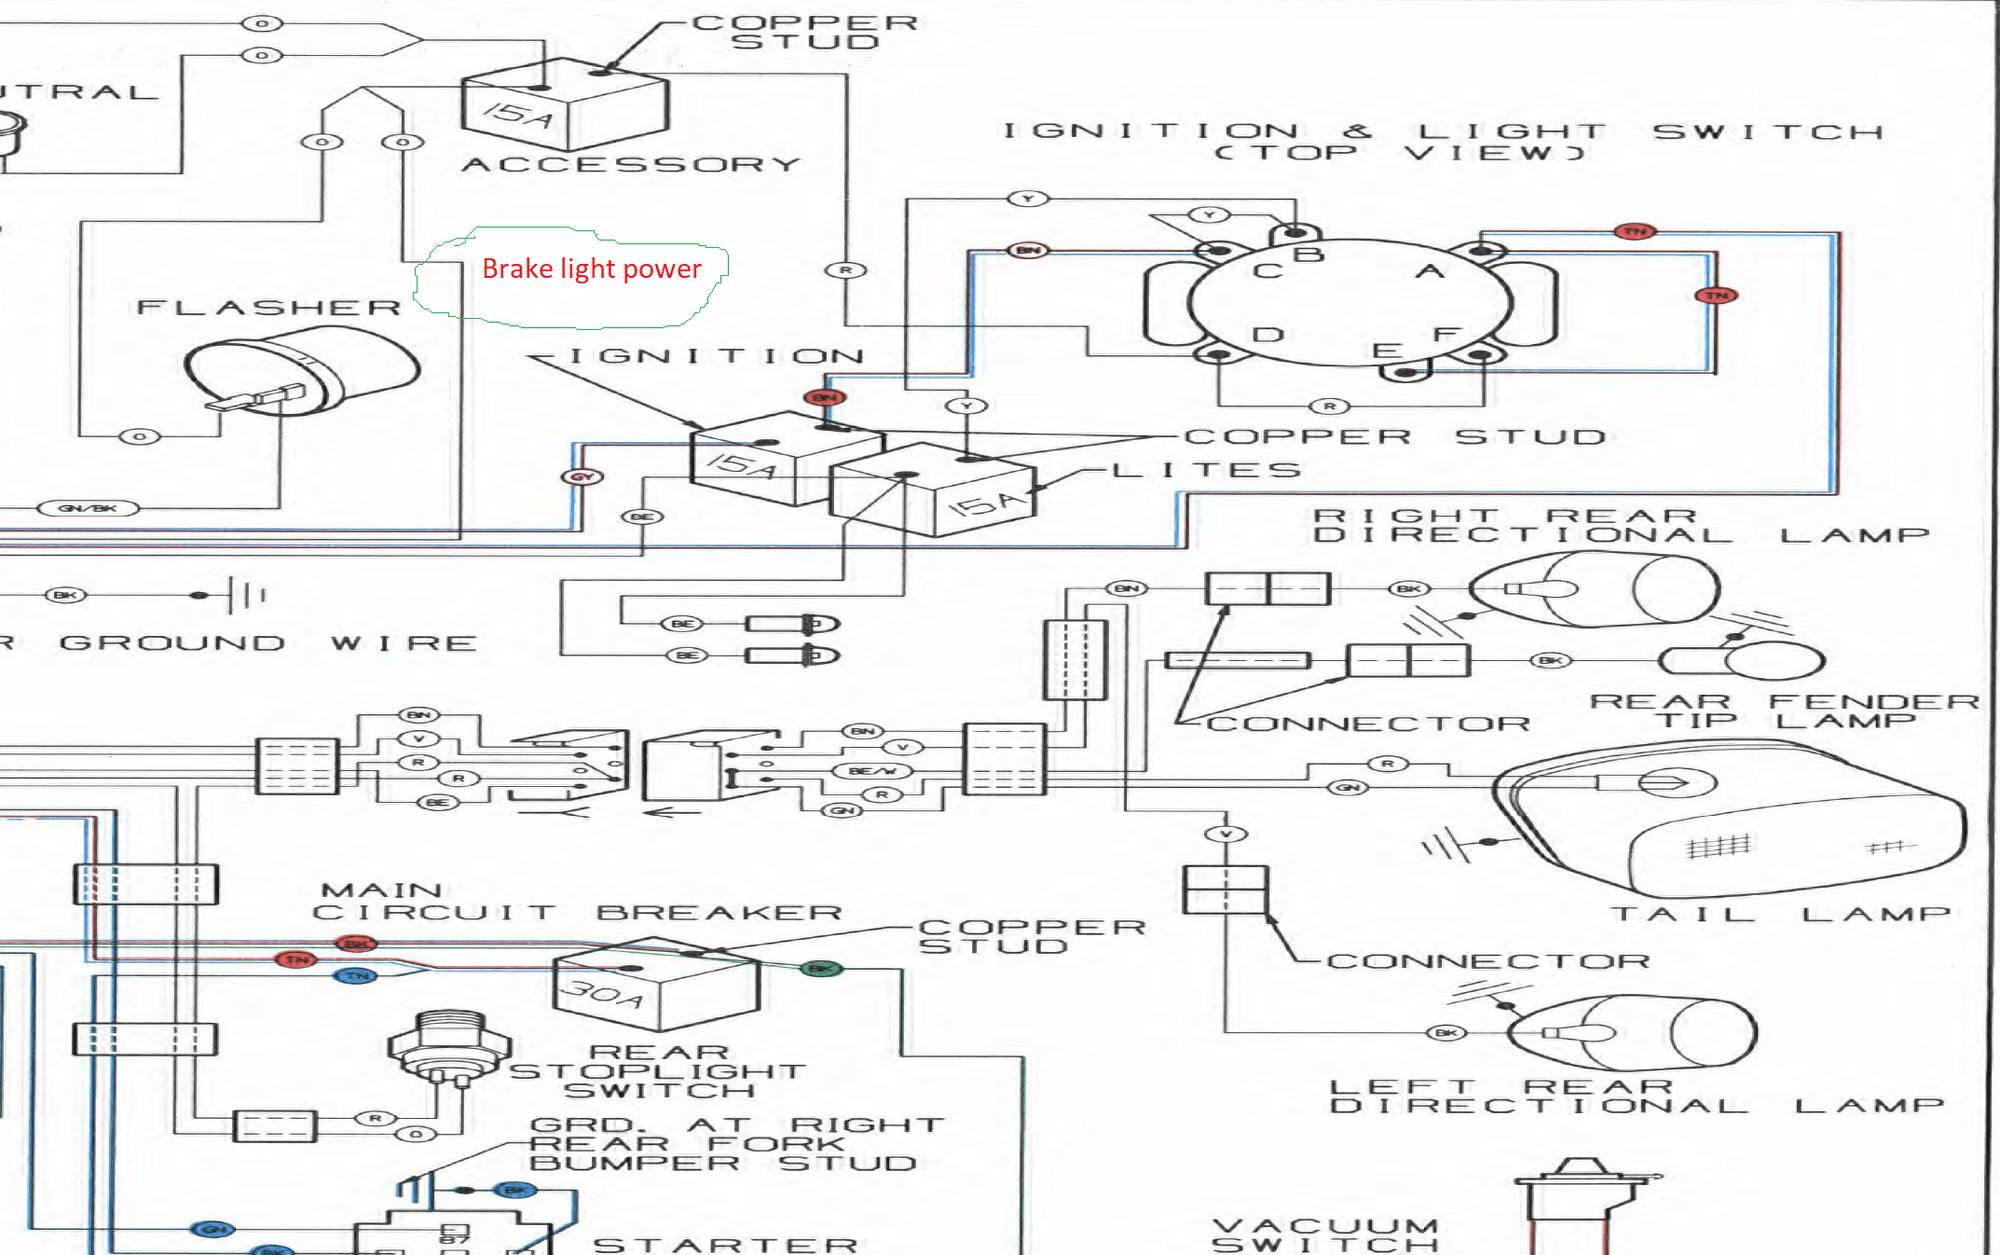 83 Fxrs Wiring Diagram - All Diagram Schematics